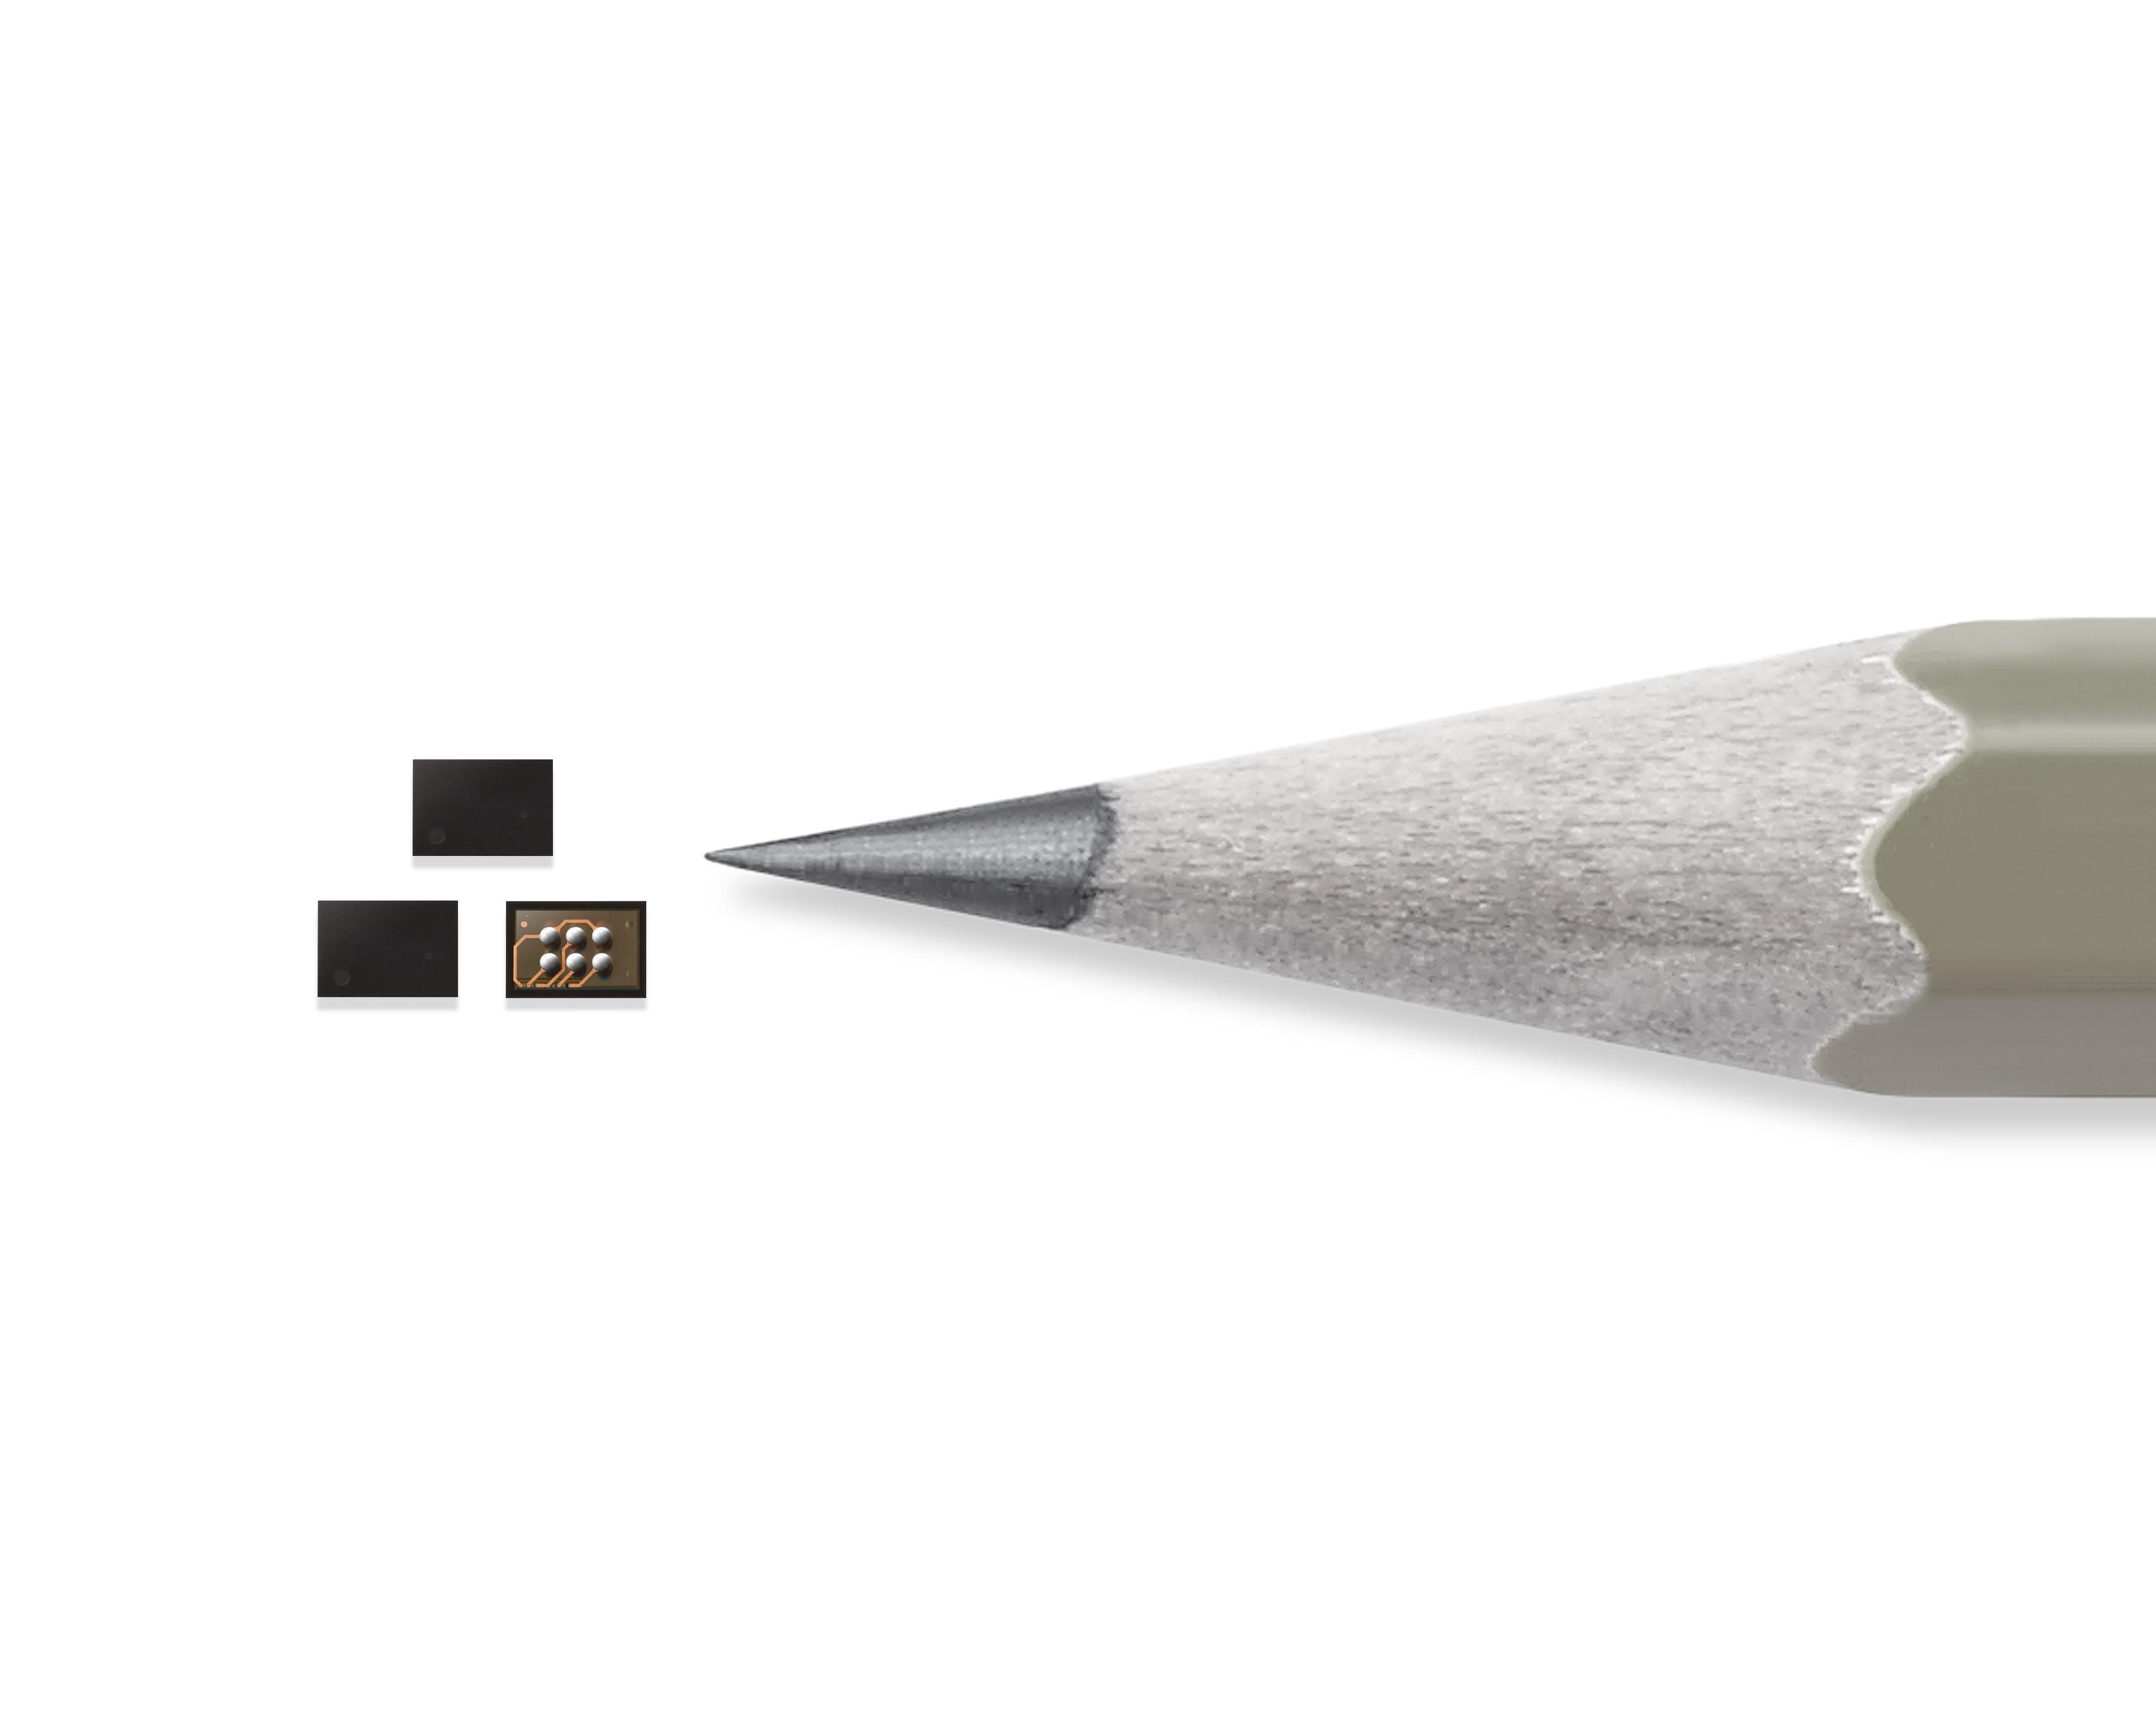 Samsung Secure Element S3K250AF Data Security Chip Size Comparison